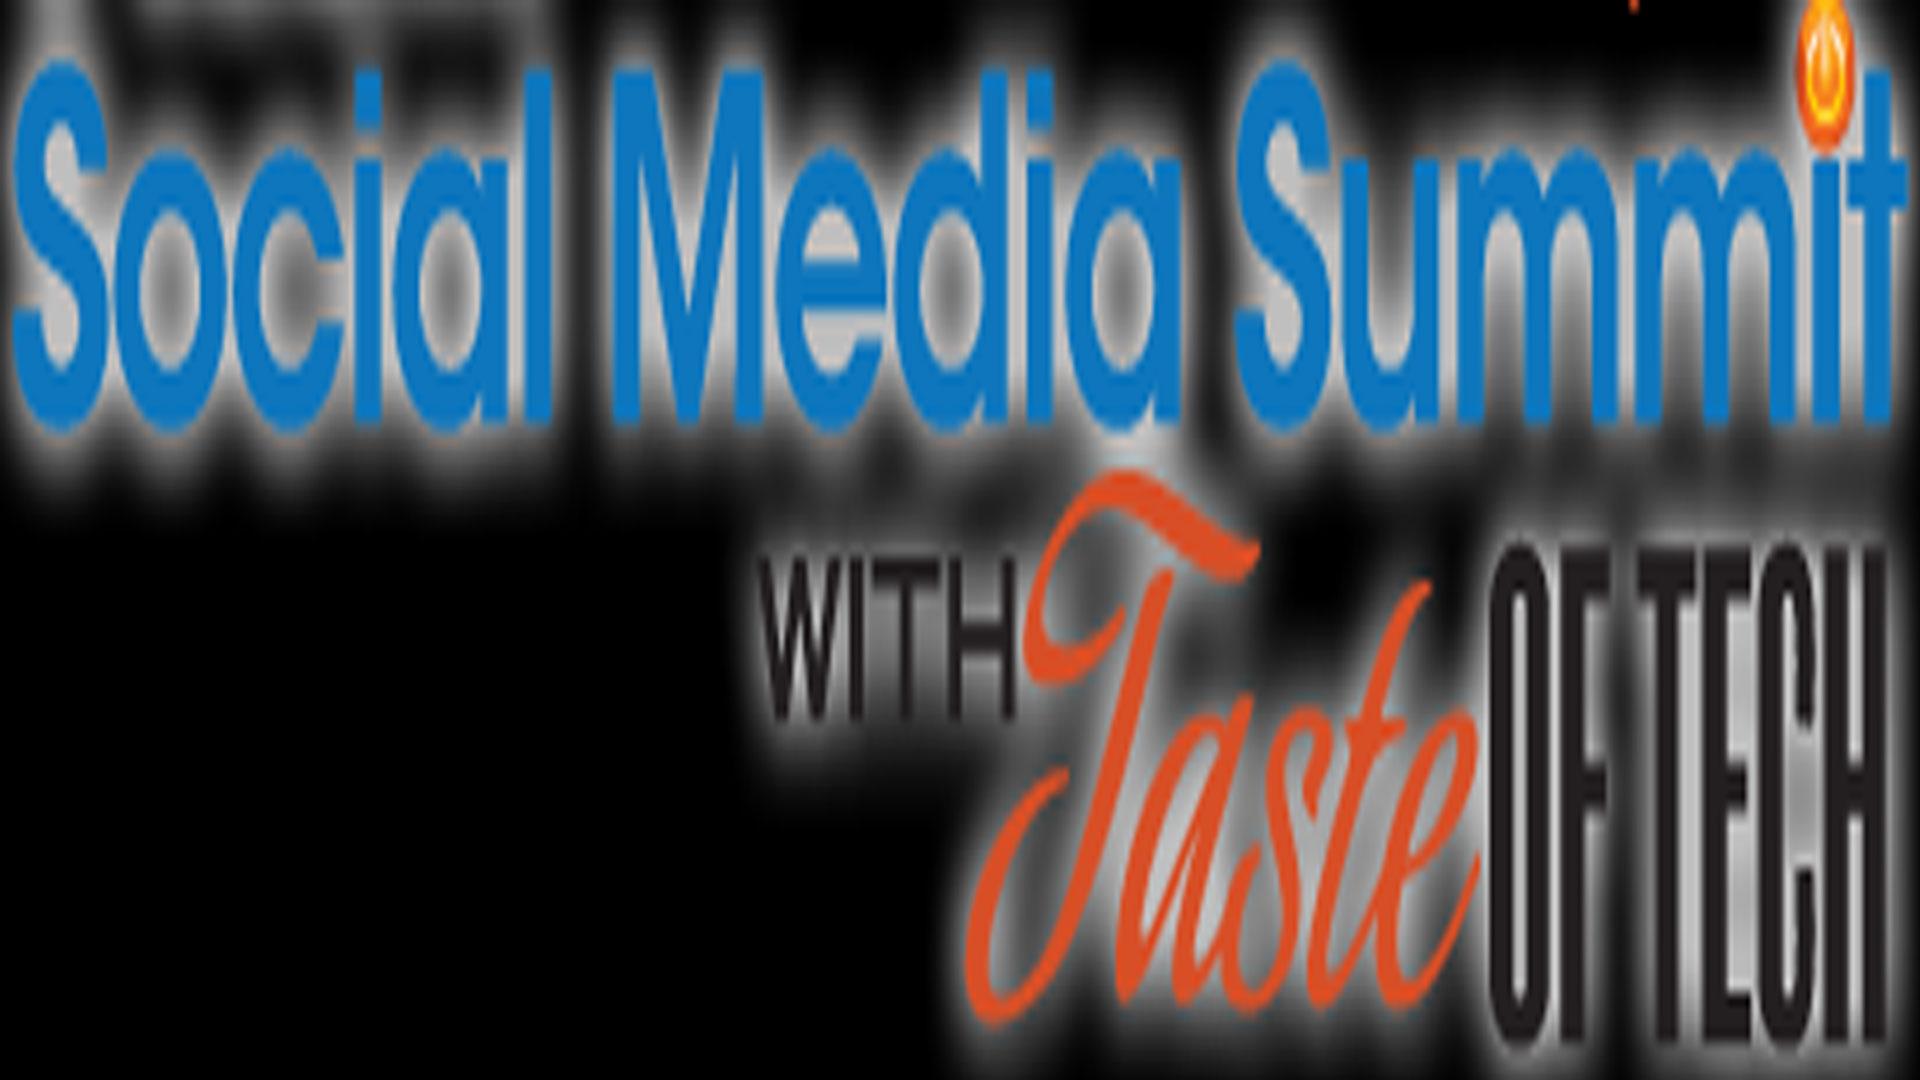 social_media_summit